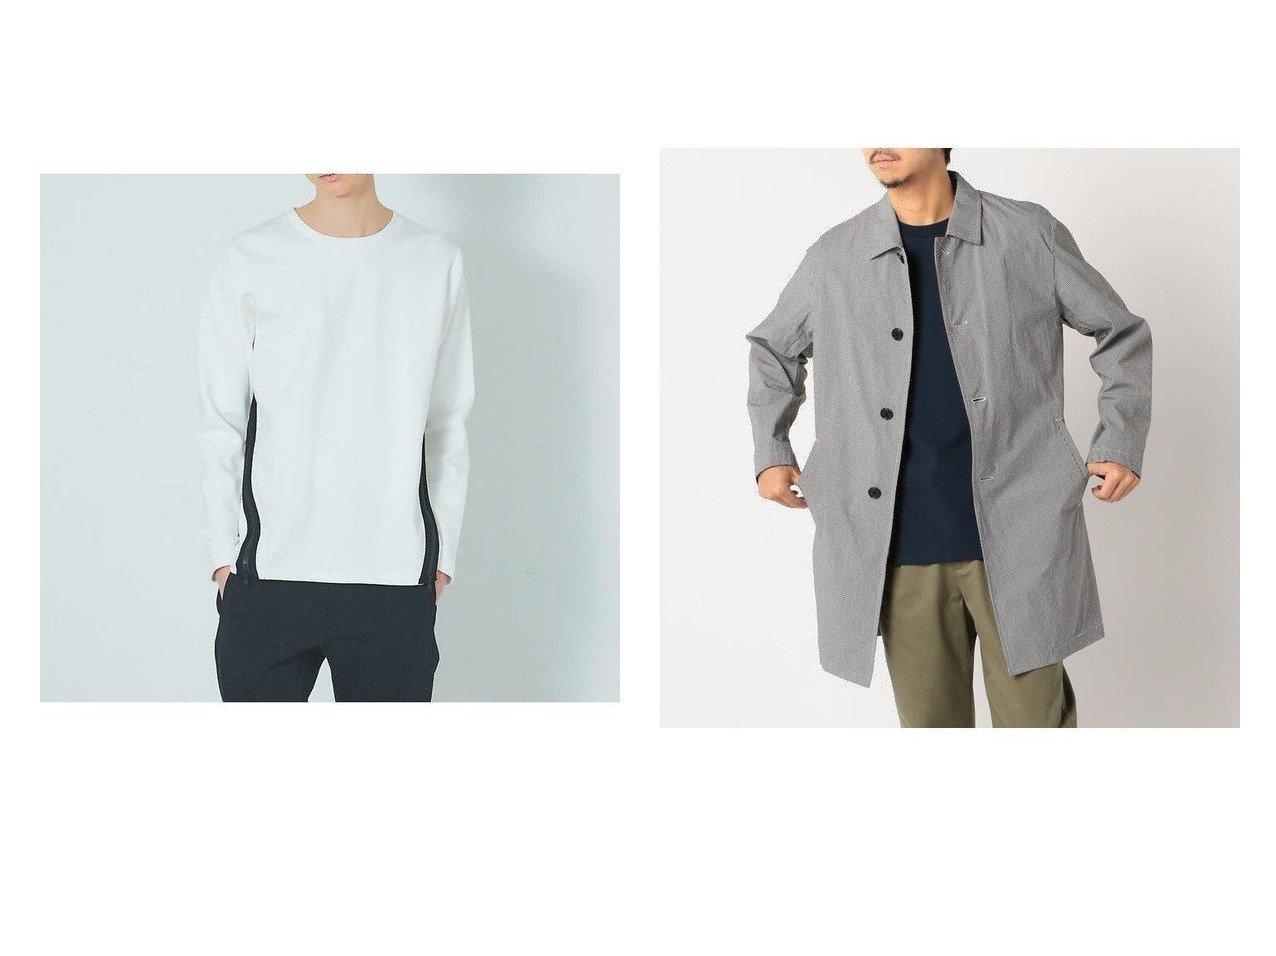 【GLOSTER / MEN/グロスター】のタイプライター ステンカラーコート&【5351POUR LES HOMMES / MEN/5351プール オム】の裾ジップ プルオーバー ロングTシャツ 【MEN】おすすめ!人気トレンド・男性、メンズファッションの通販 おすすめで人気の流行・トレンド、ファッションの通販商品 メンズファッション・キッズファッション・インテリア・家具・レディースファッション・服の通販 founy(ファニー) https://founy.com/ ファッション Fashion メンズファッション MEN トップス Tops Tshirt Men シャツ Shirts ロング / Tシャツ T-Shirts アウター Coats Outerwear Men カットソー ジップ スウェット ロング シンプル ジャケット タイプライター 再入荷 Restock/Back in Stock/Re Arrival |ID:crp329100000018291